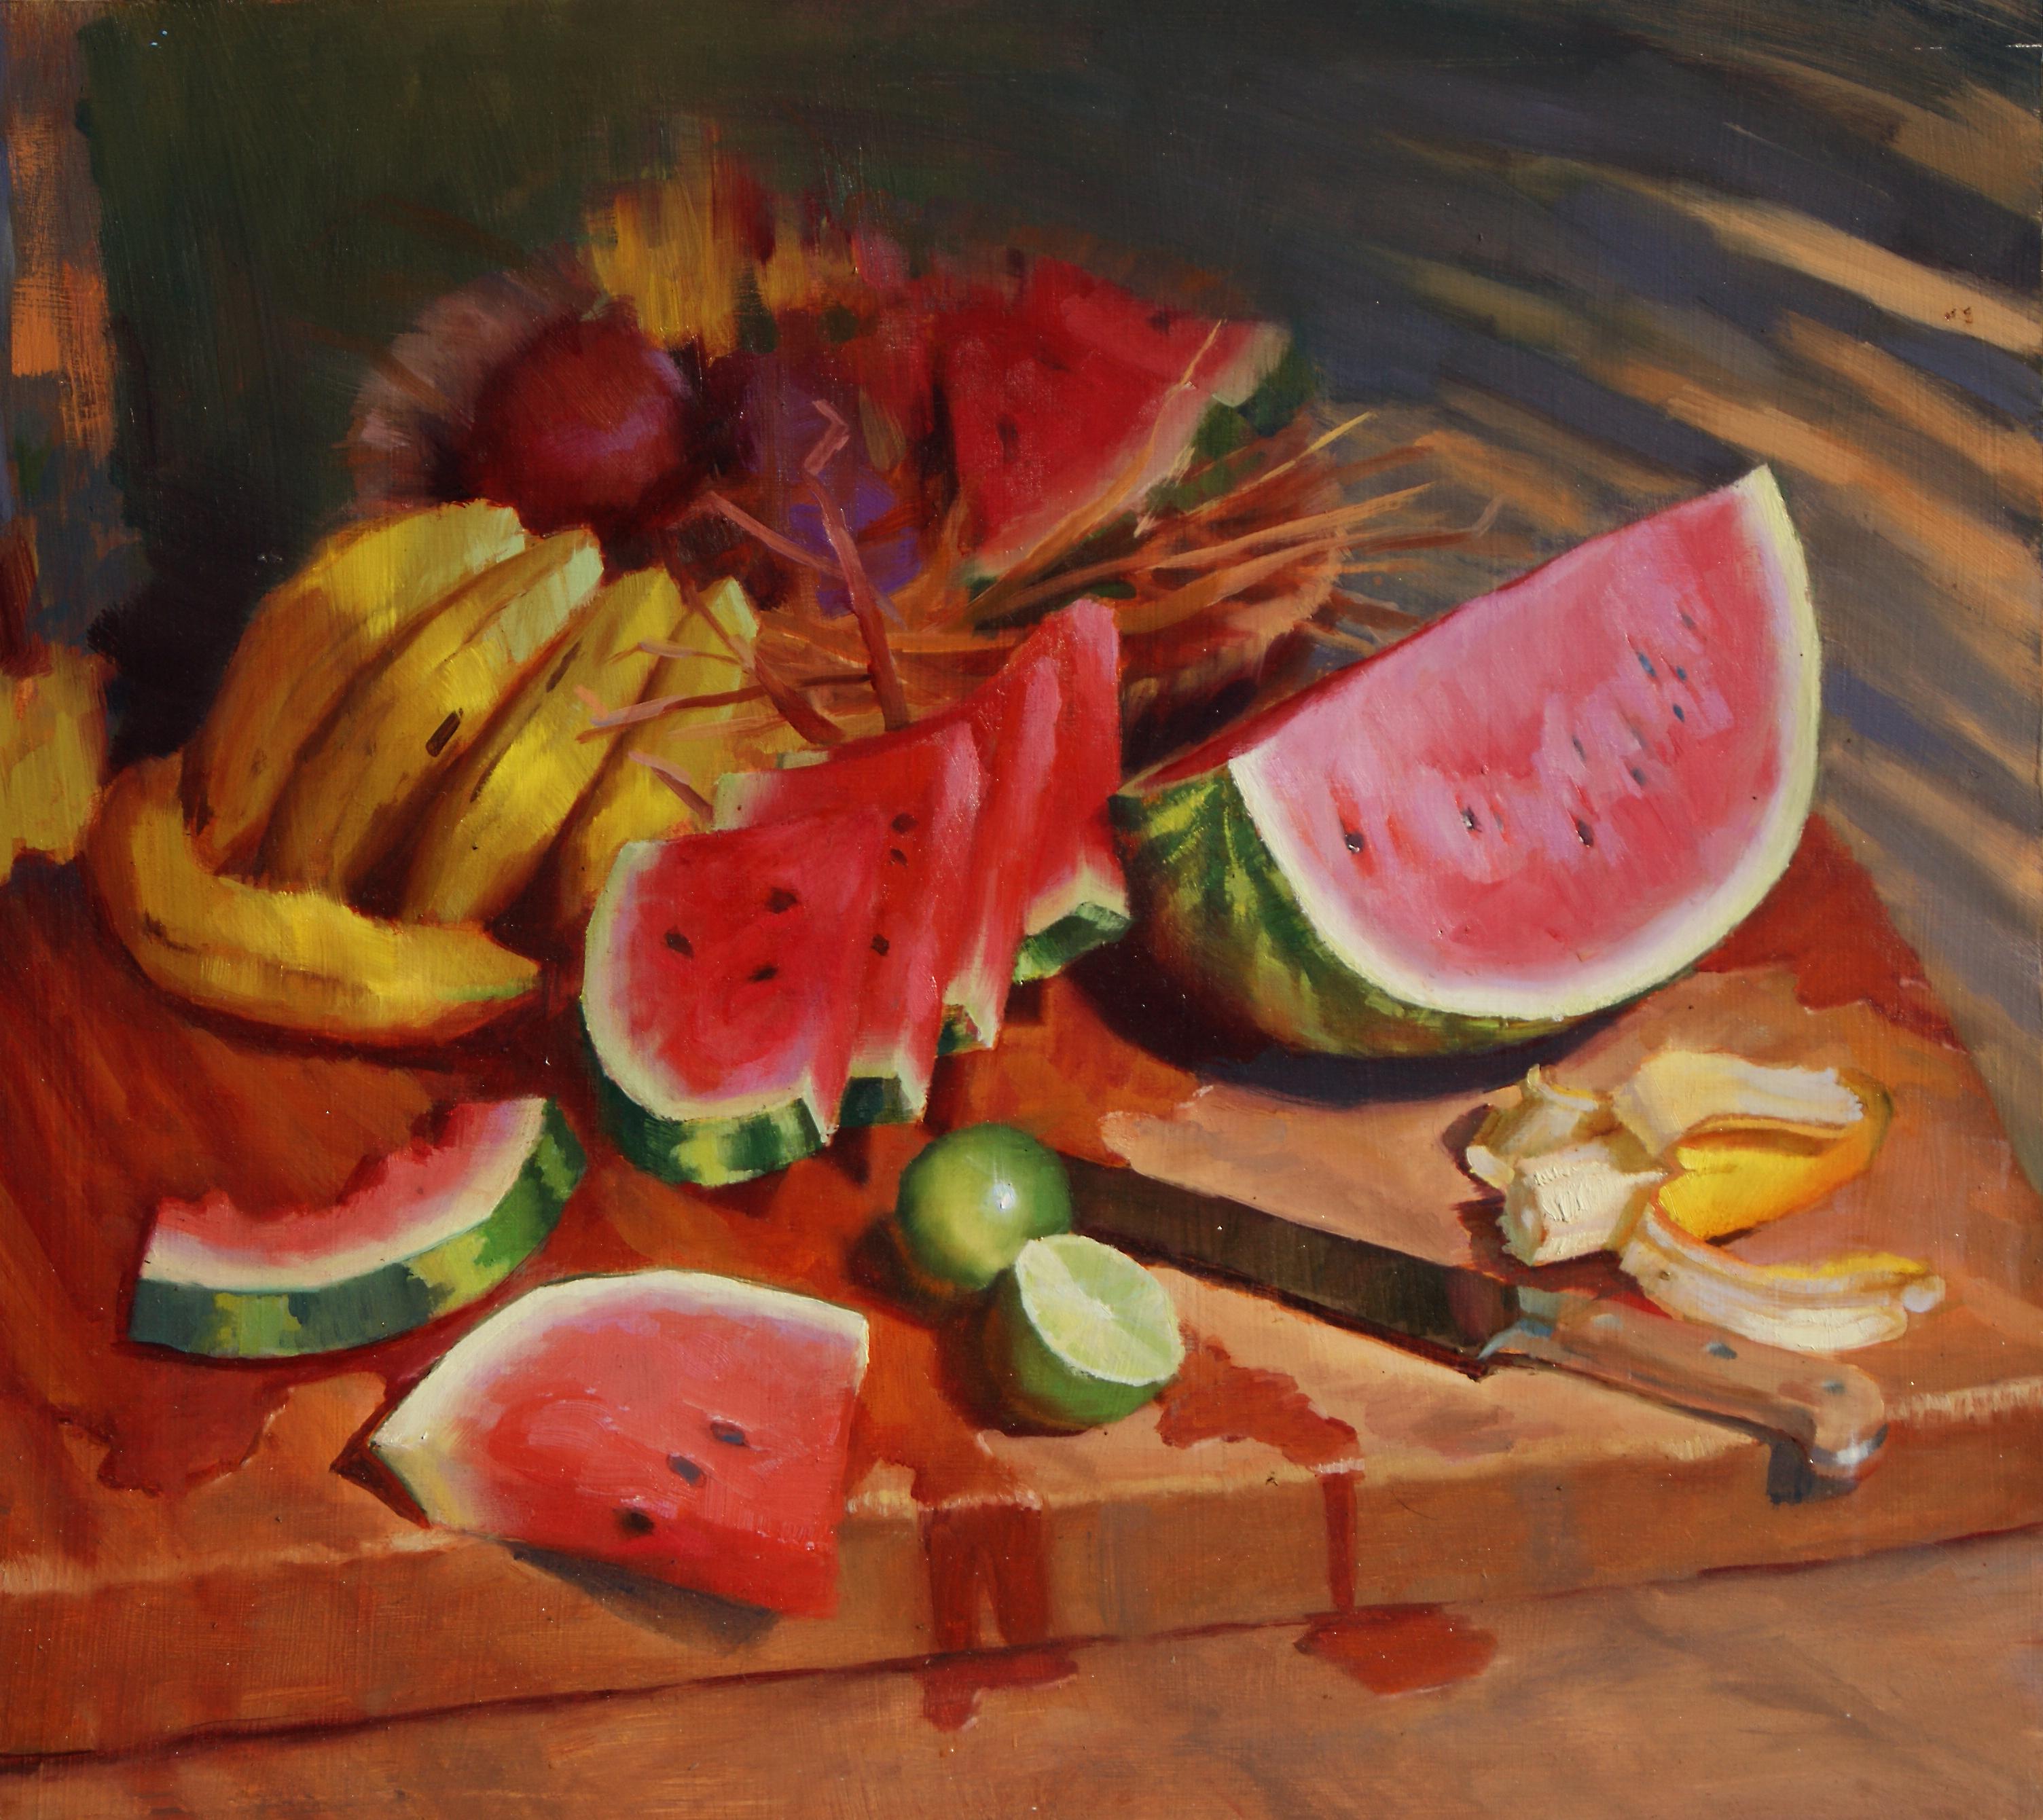 Watermelon crime